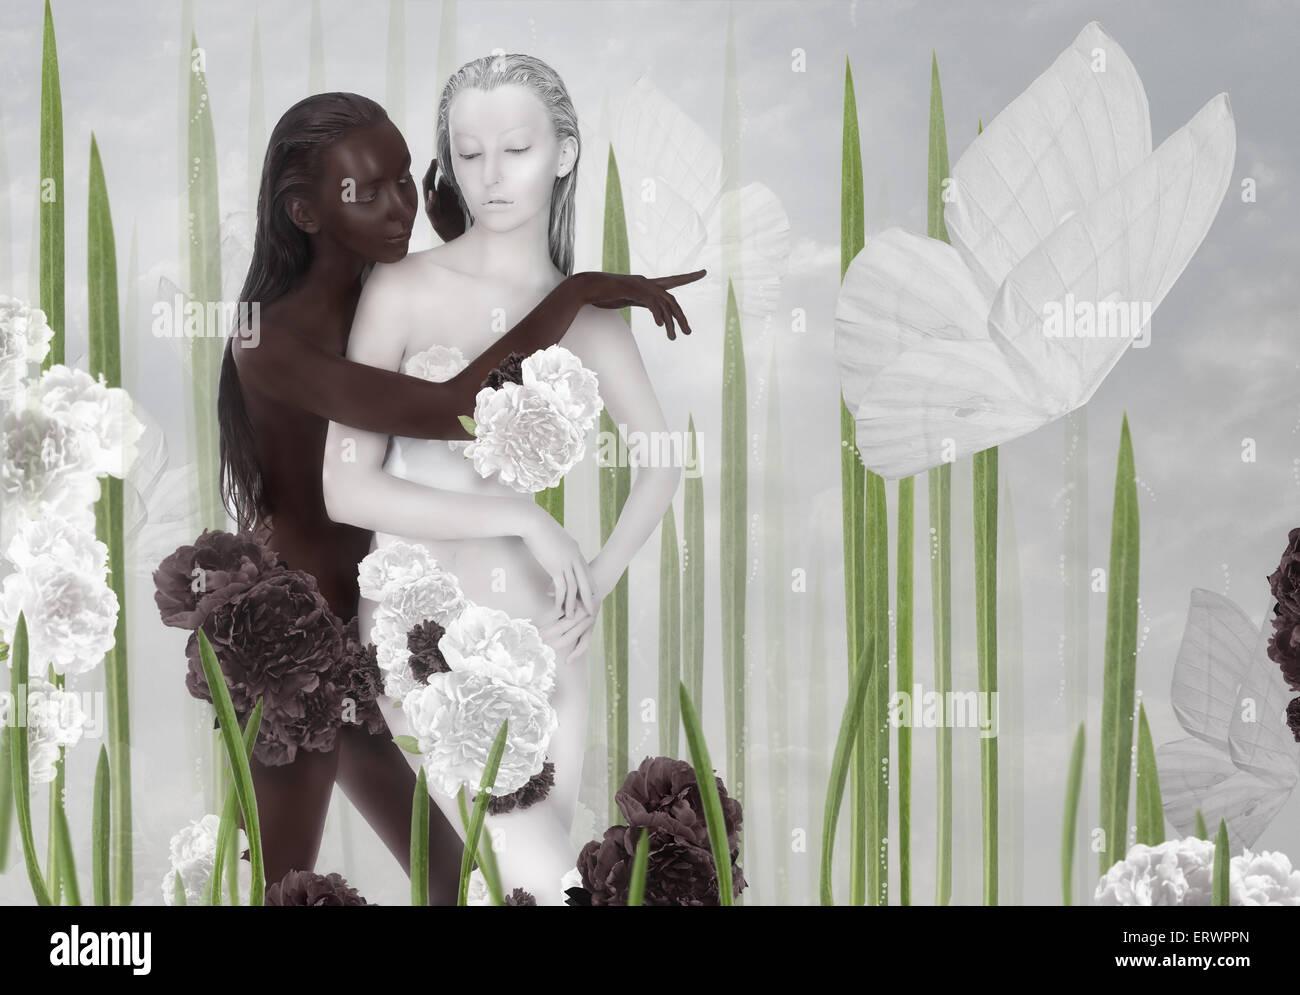 L'imagination. Deux femmes de couleur noir et blanc Photo Stock